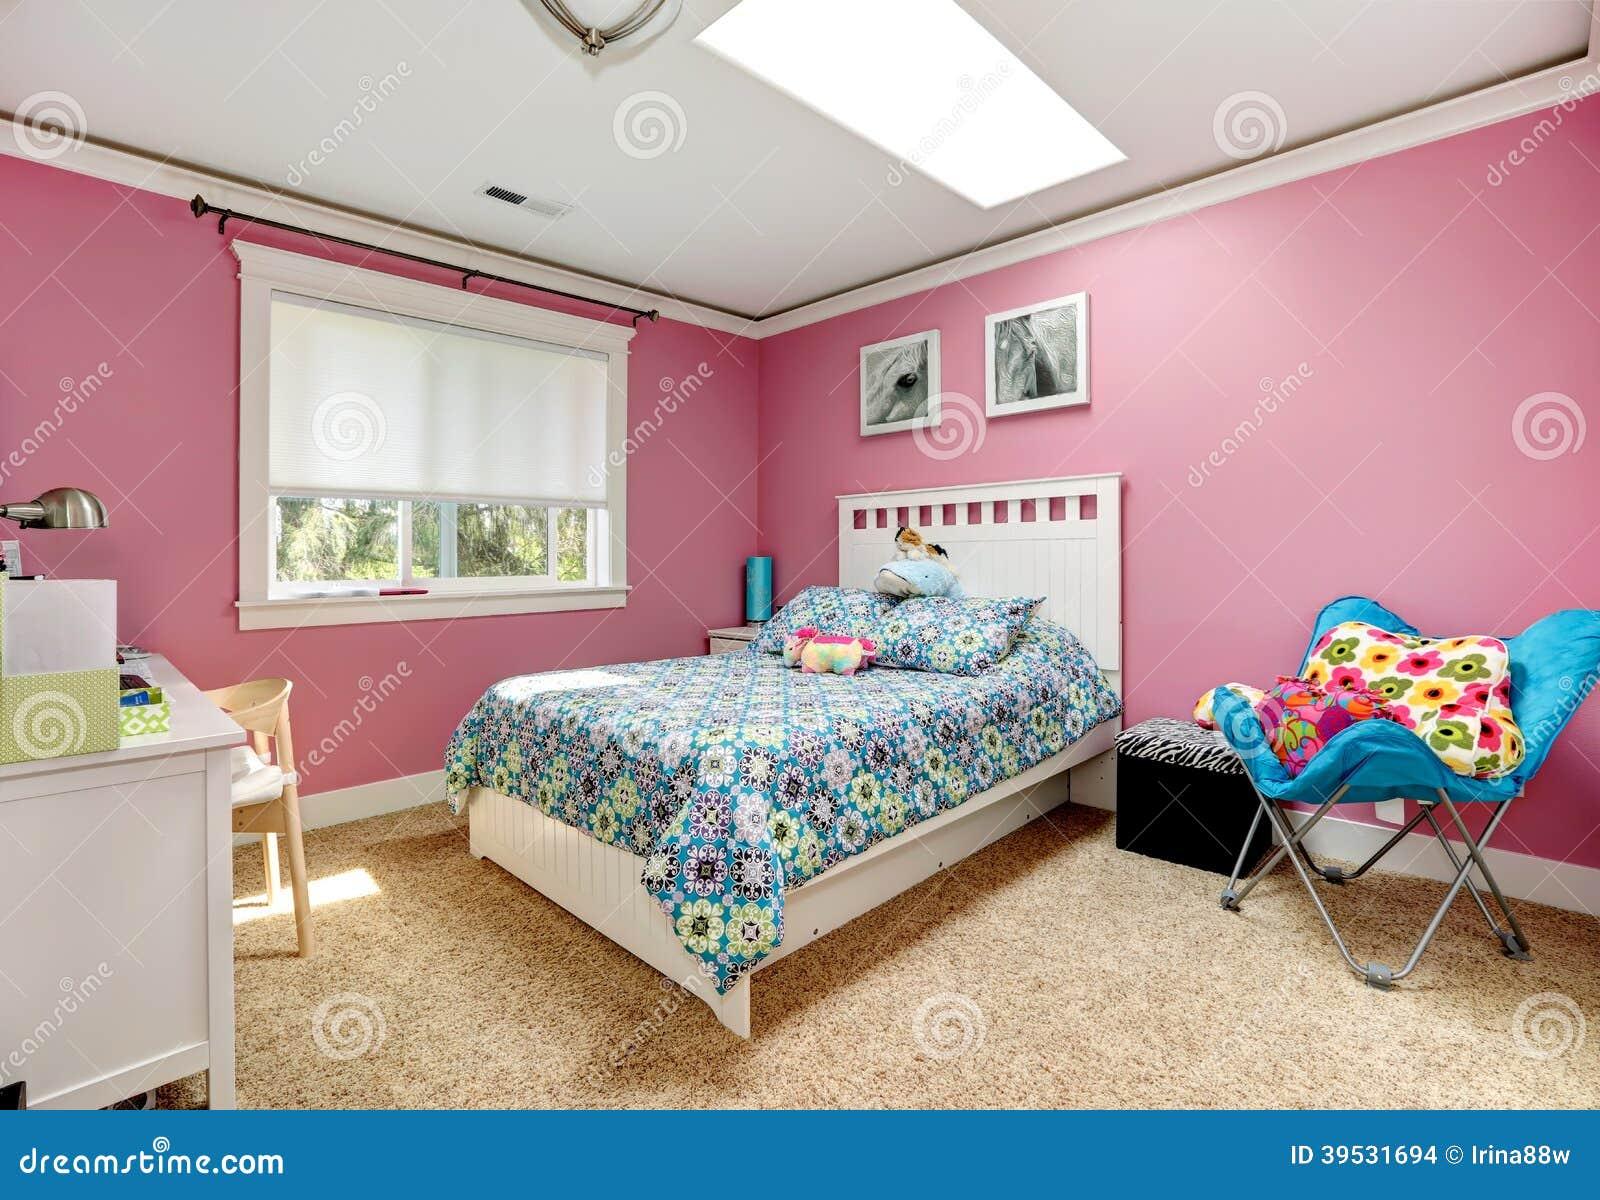 Mooie roze slaapkamer voor meisjes stock foto afbeelding 39531694 - Cabine slaapkamer meisje ...